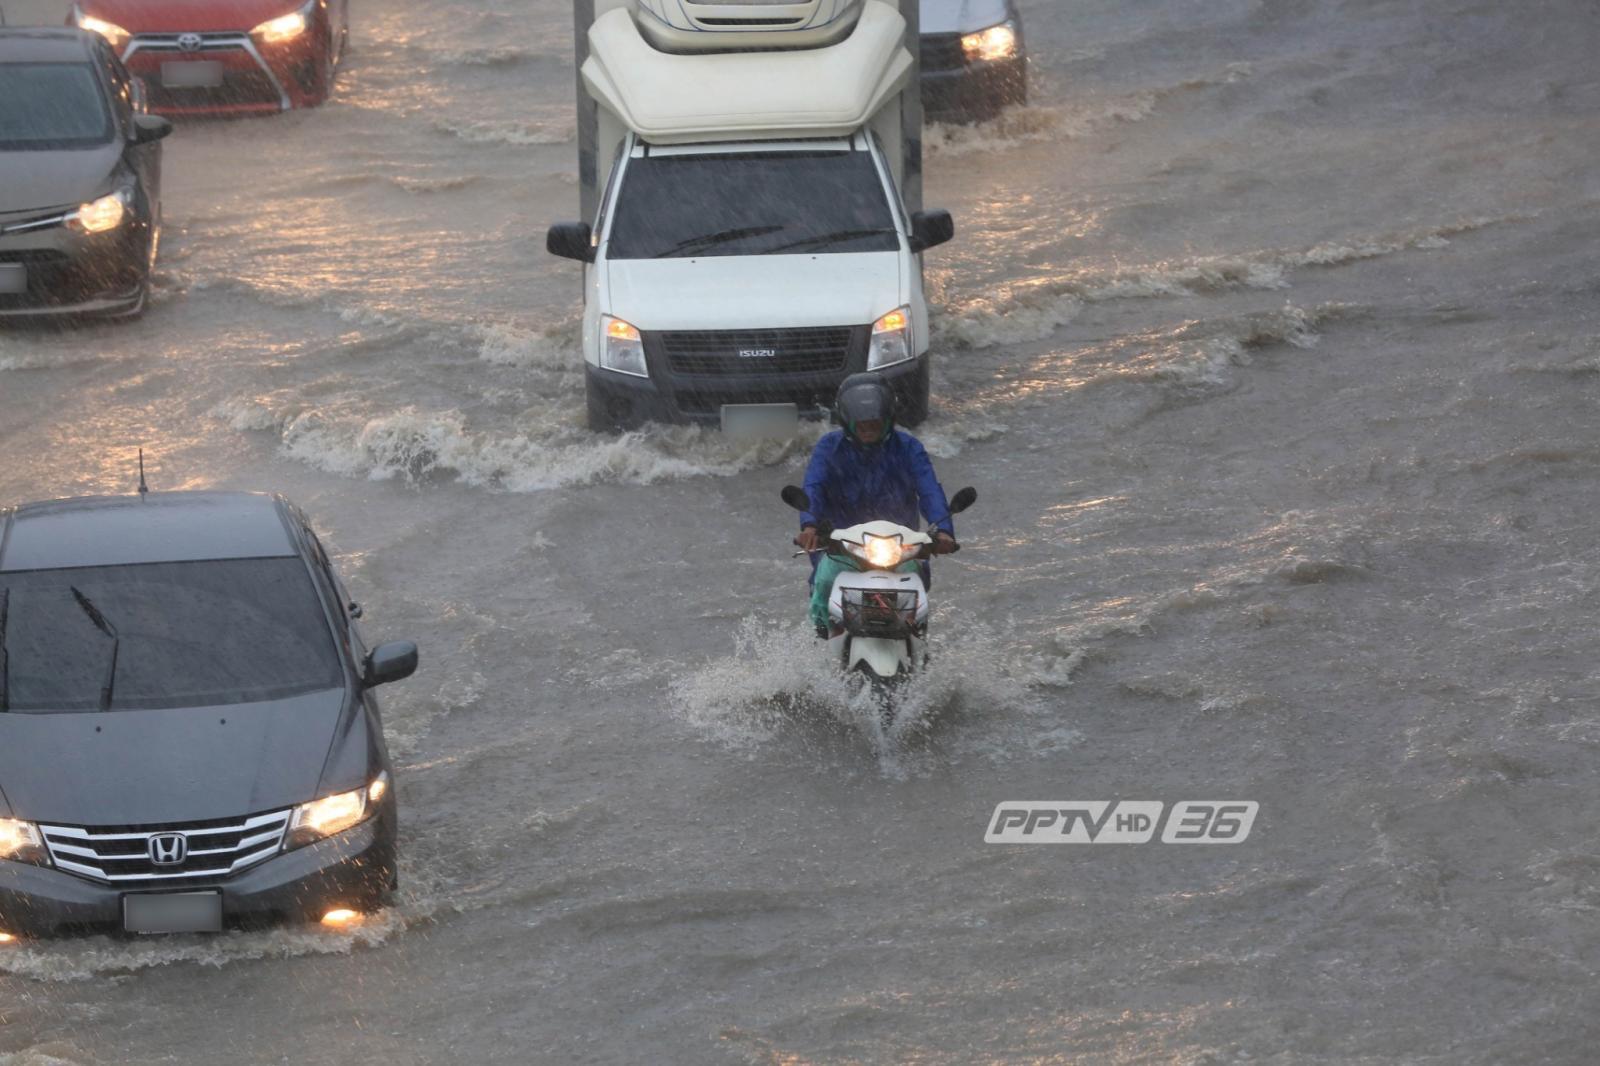 อุตุฯ เตือนไทยมีฝนตกทั่วประเทศวันนี้ ยัน